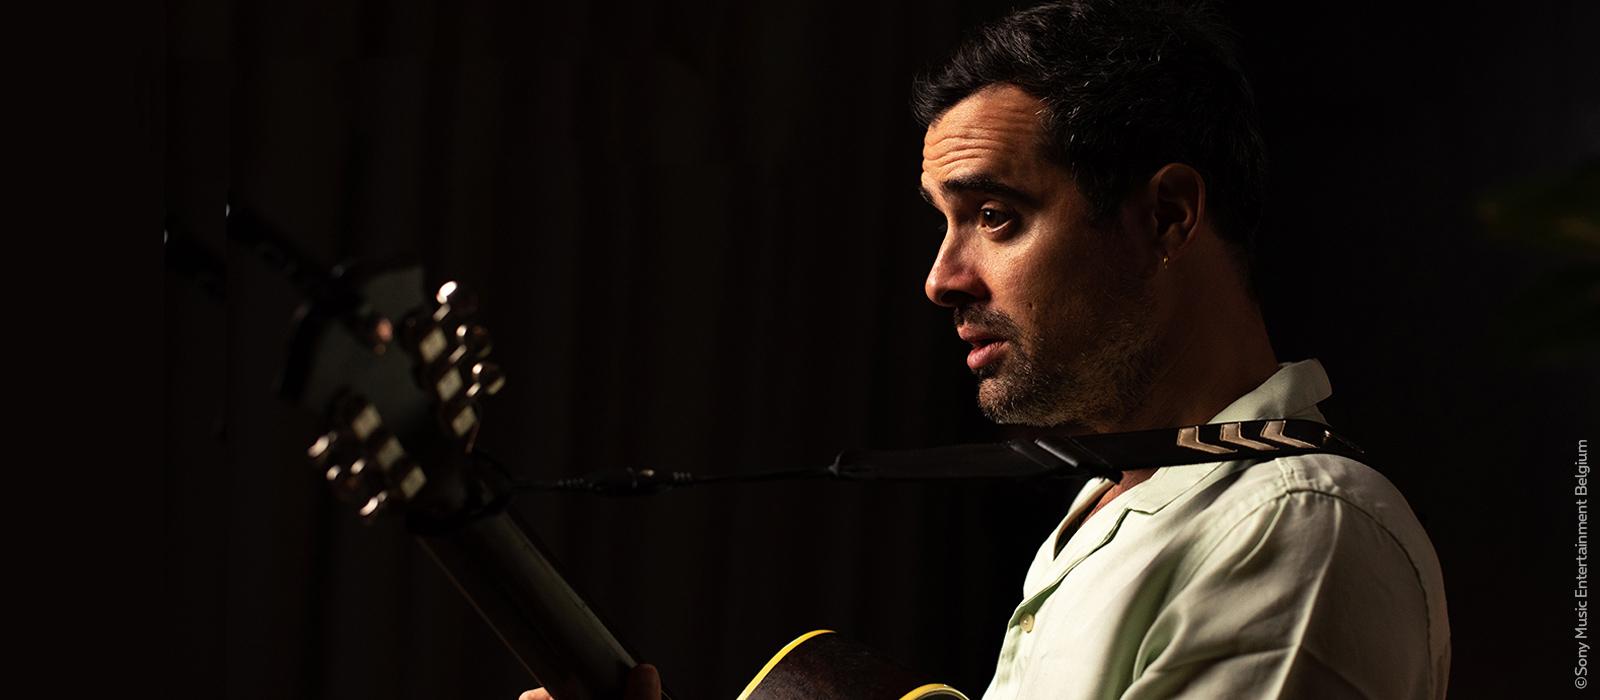 Gabriel Ríos – I'm Still Leaving